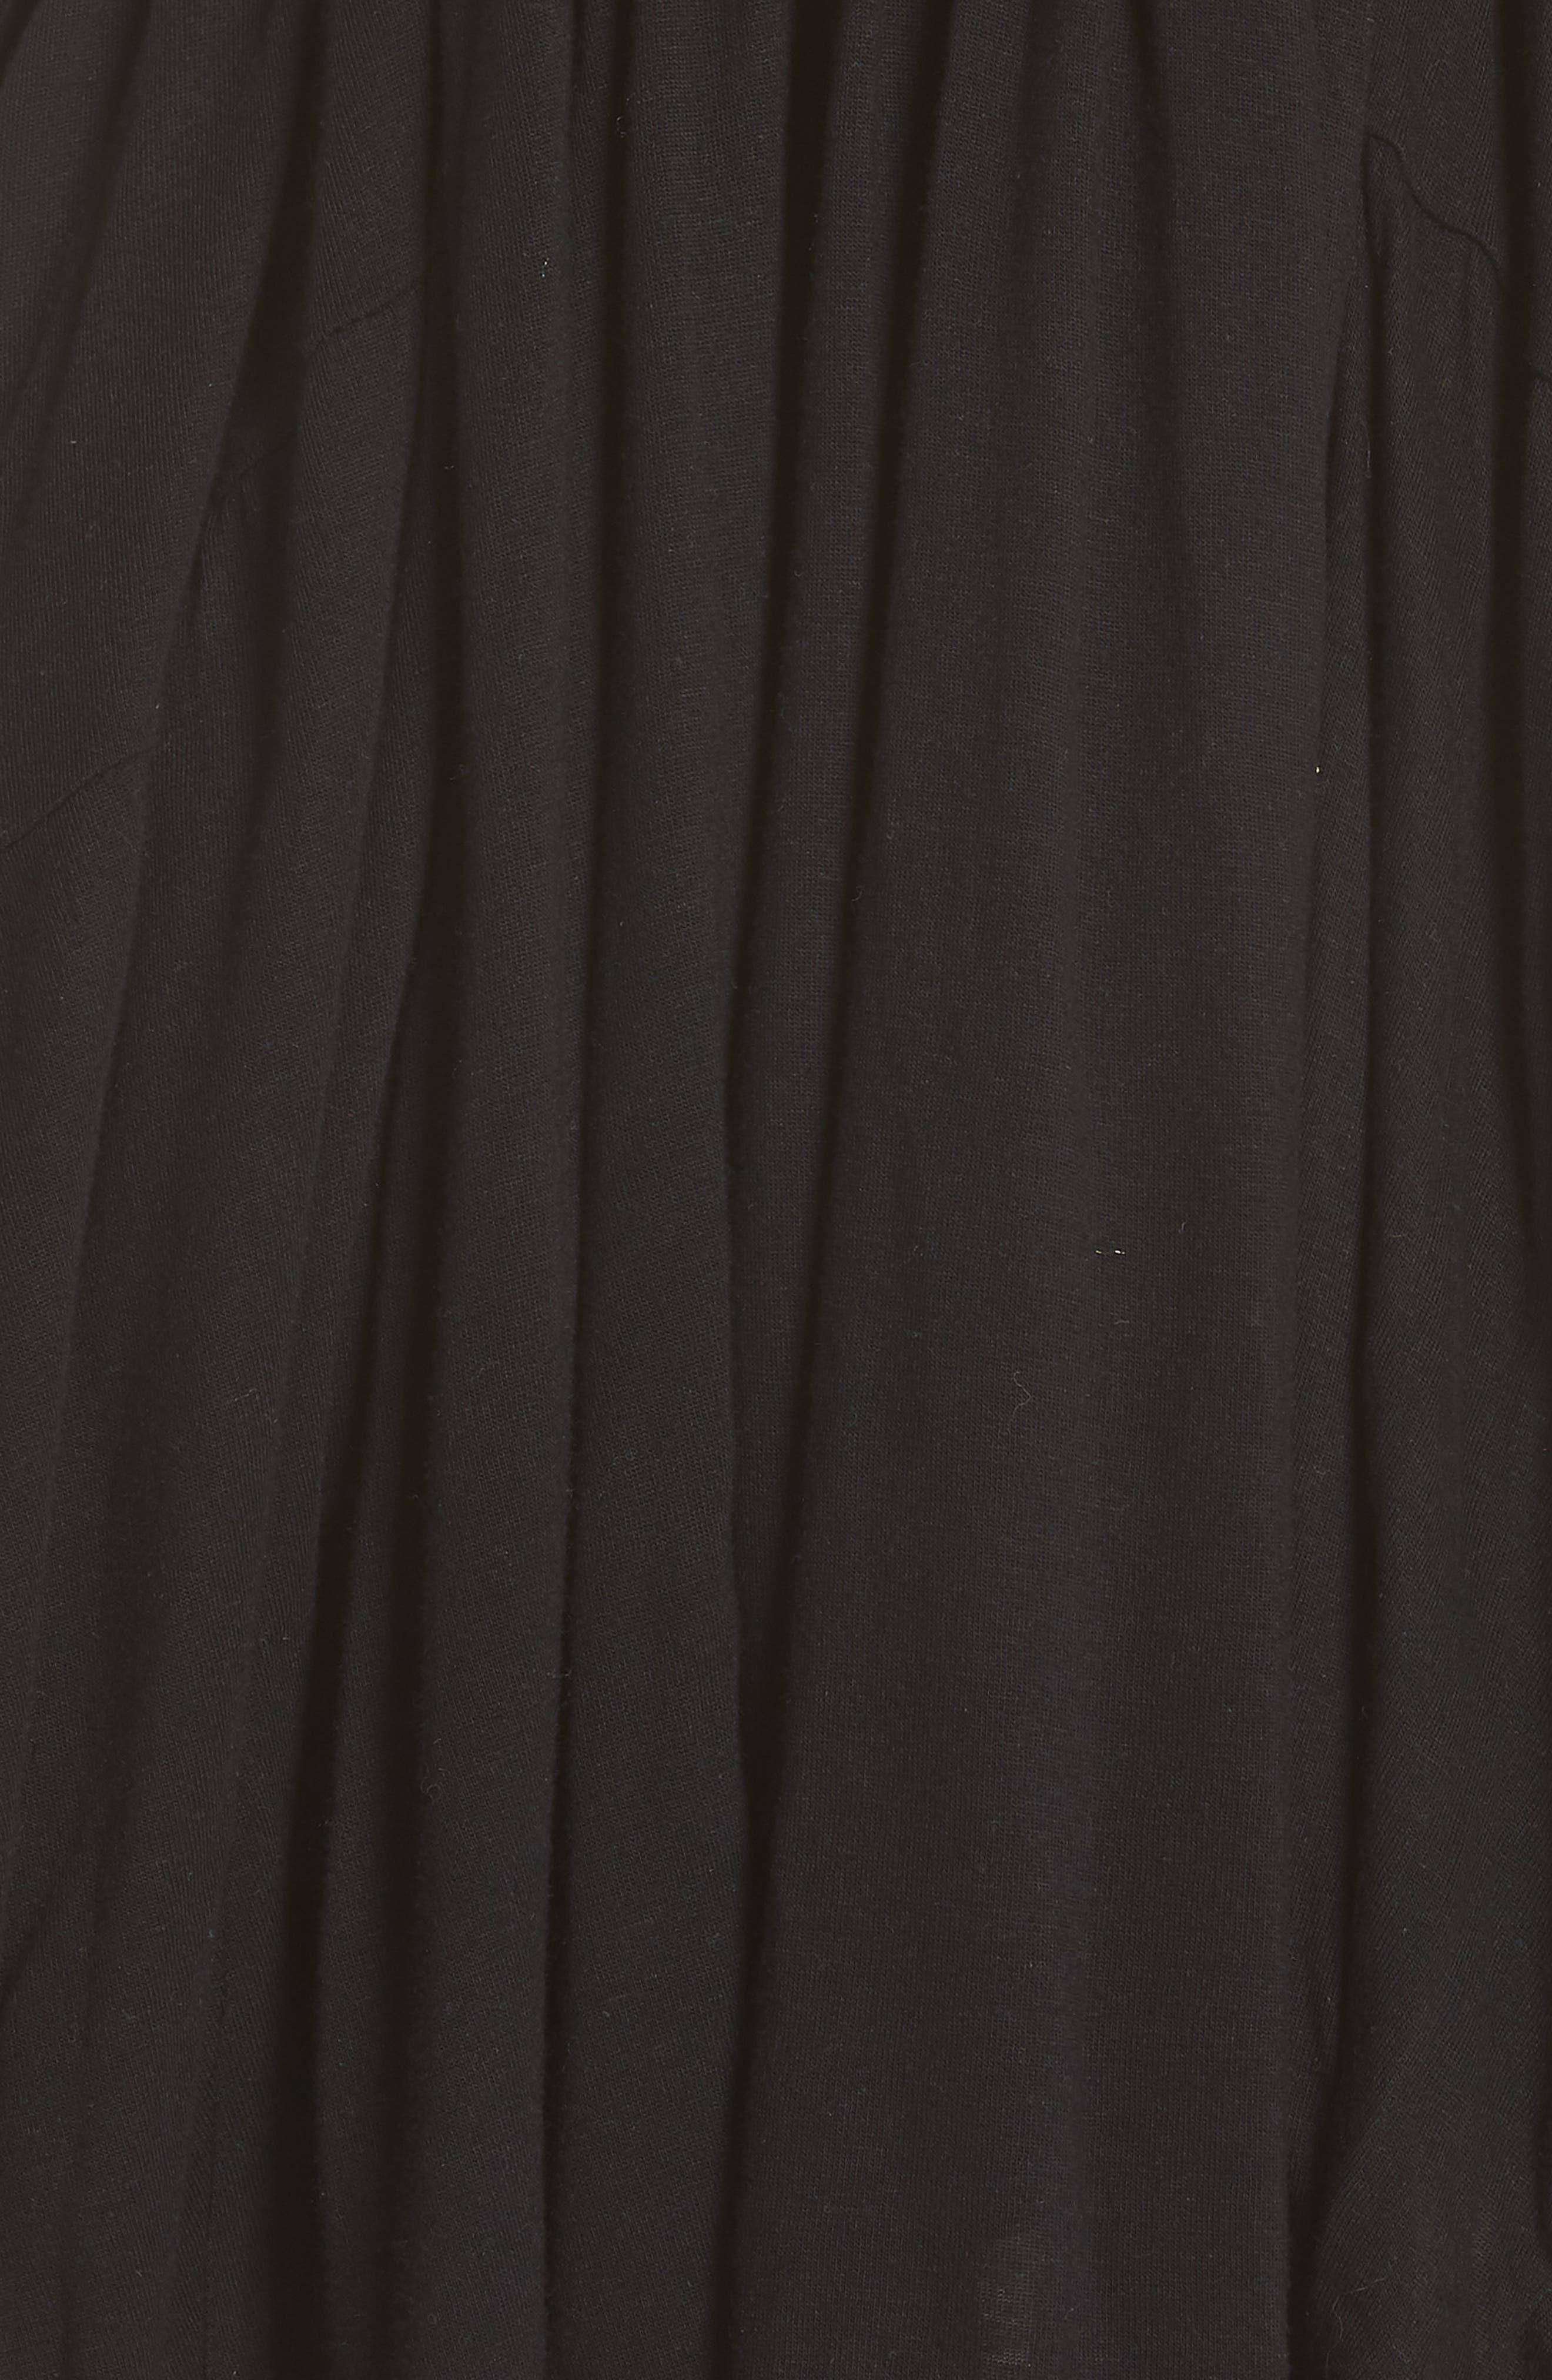 Lovers Cove Minidress,                             Alternate thumbnail 6, color,                             Black